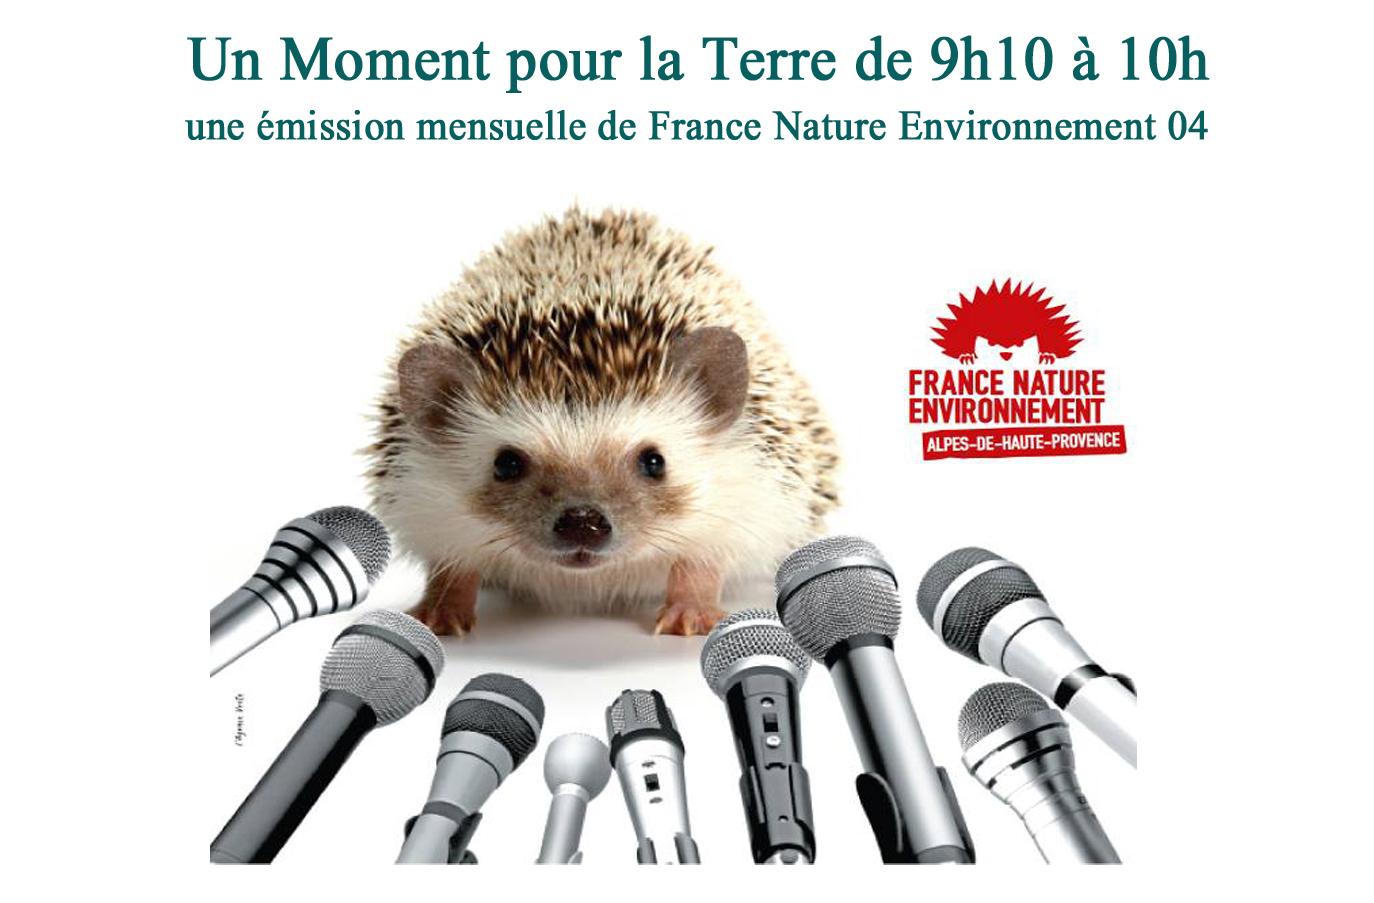 Un moment pour la terre avec France Nature Environnement - et le mouvement des coquelicots